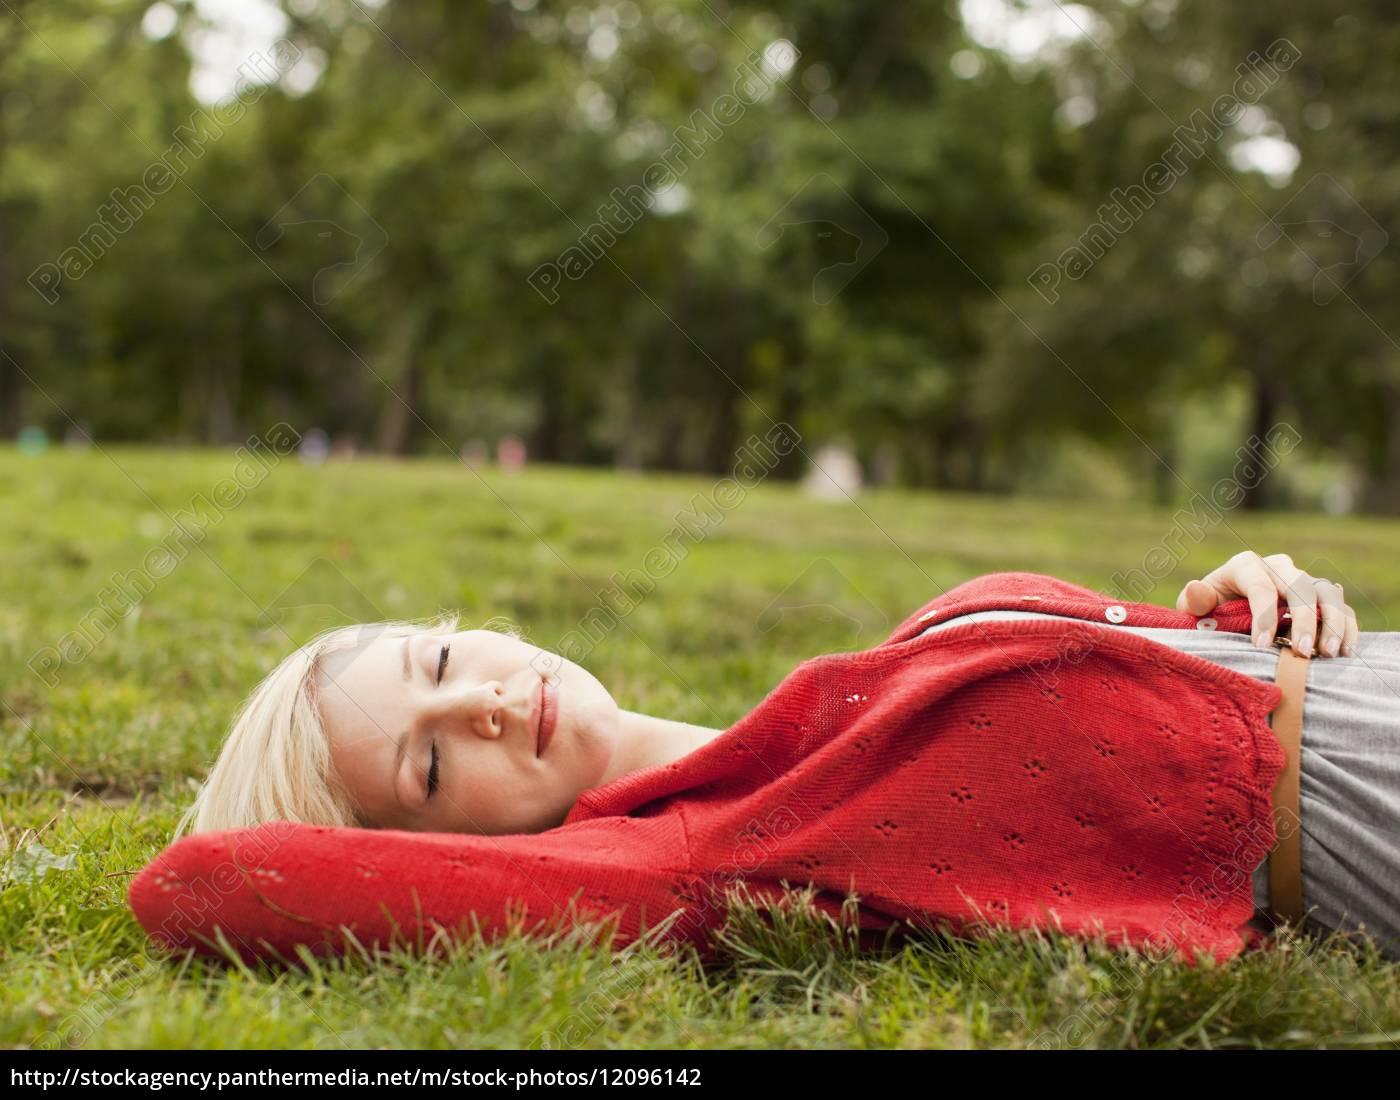 baum, park, liegen, liegend, liegt, horizontal - 12096142